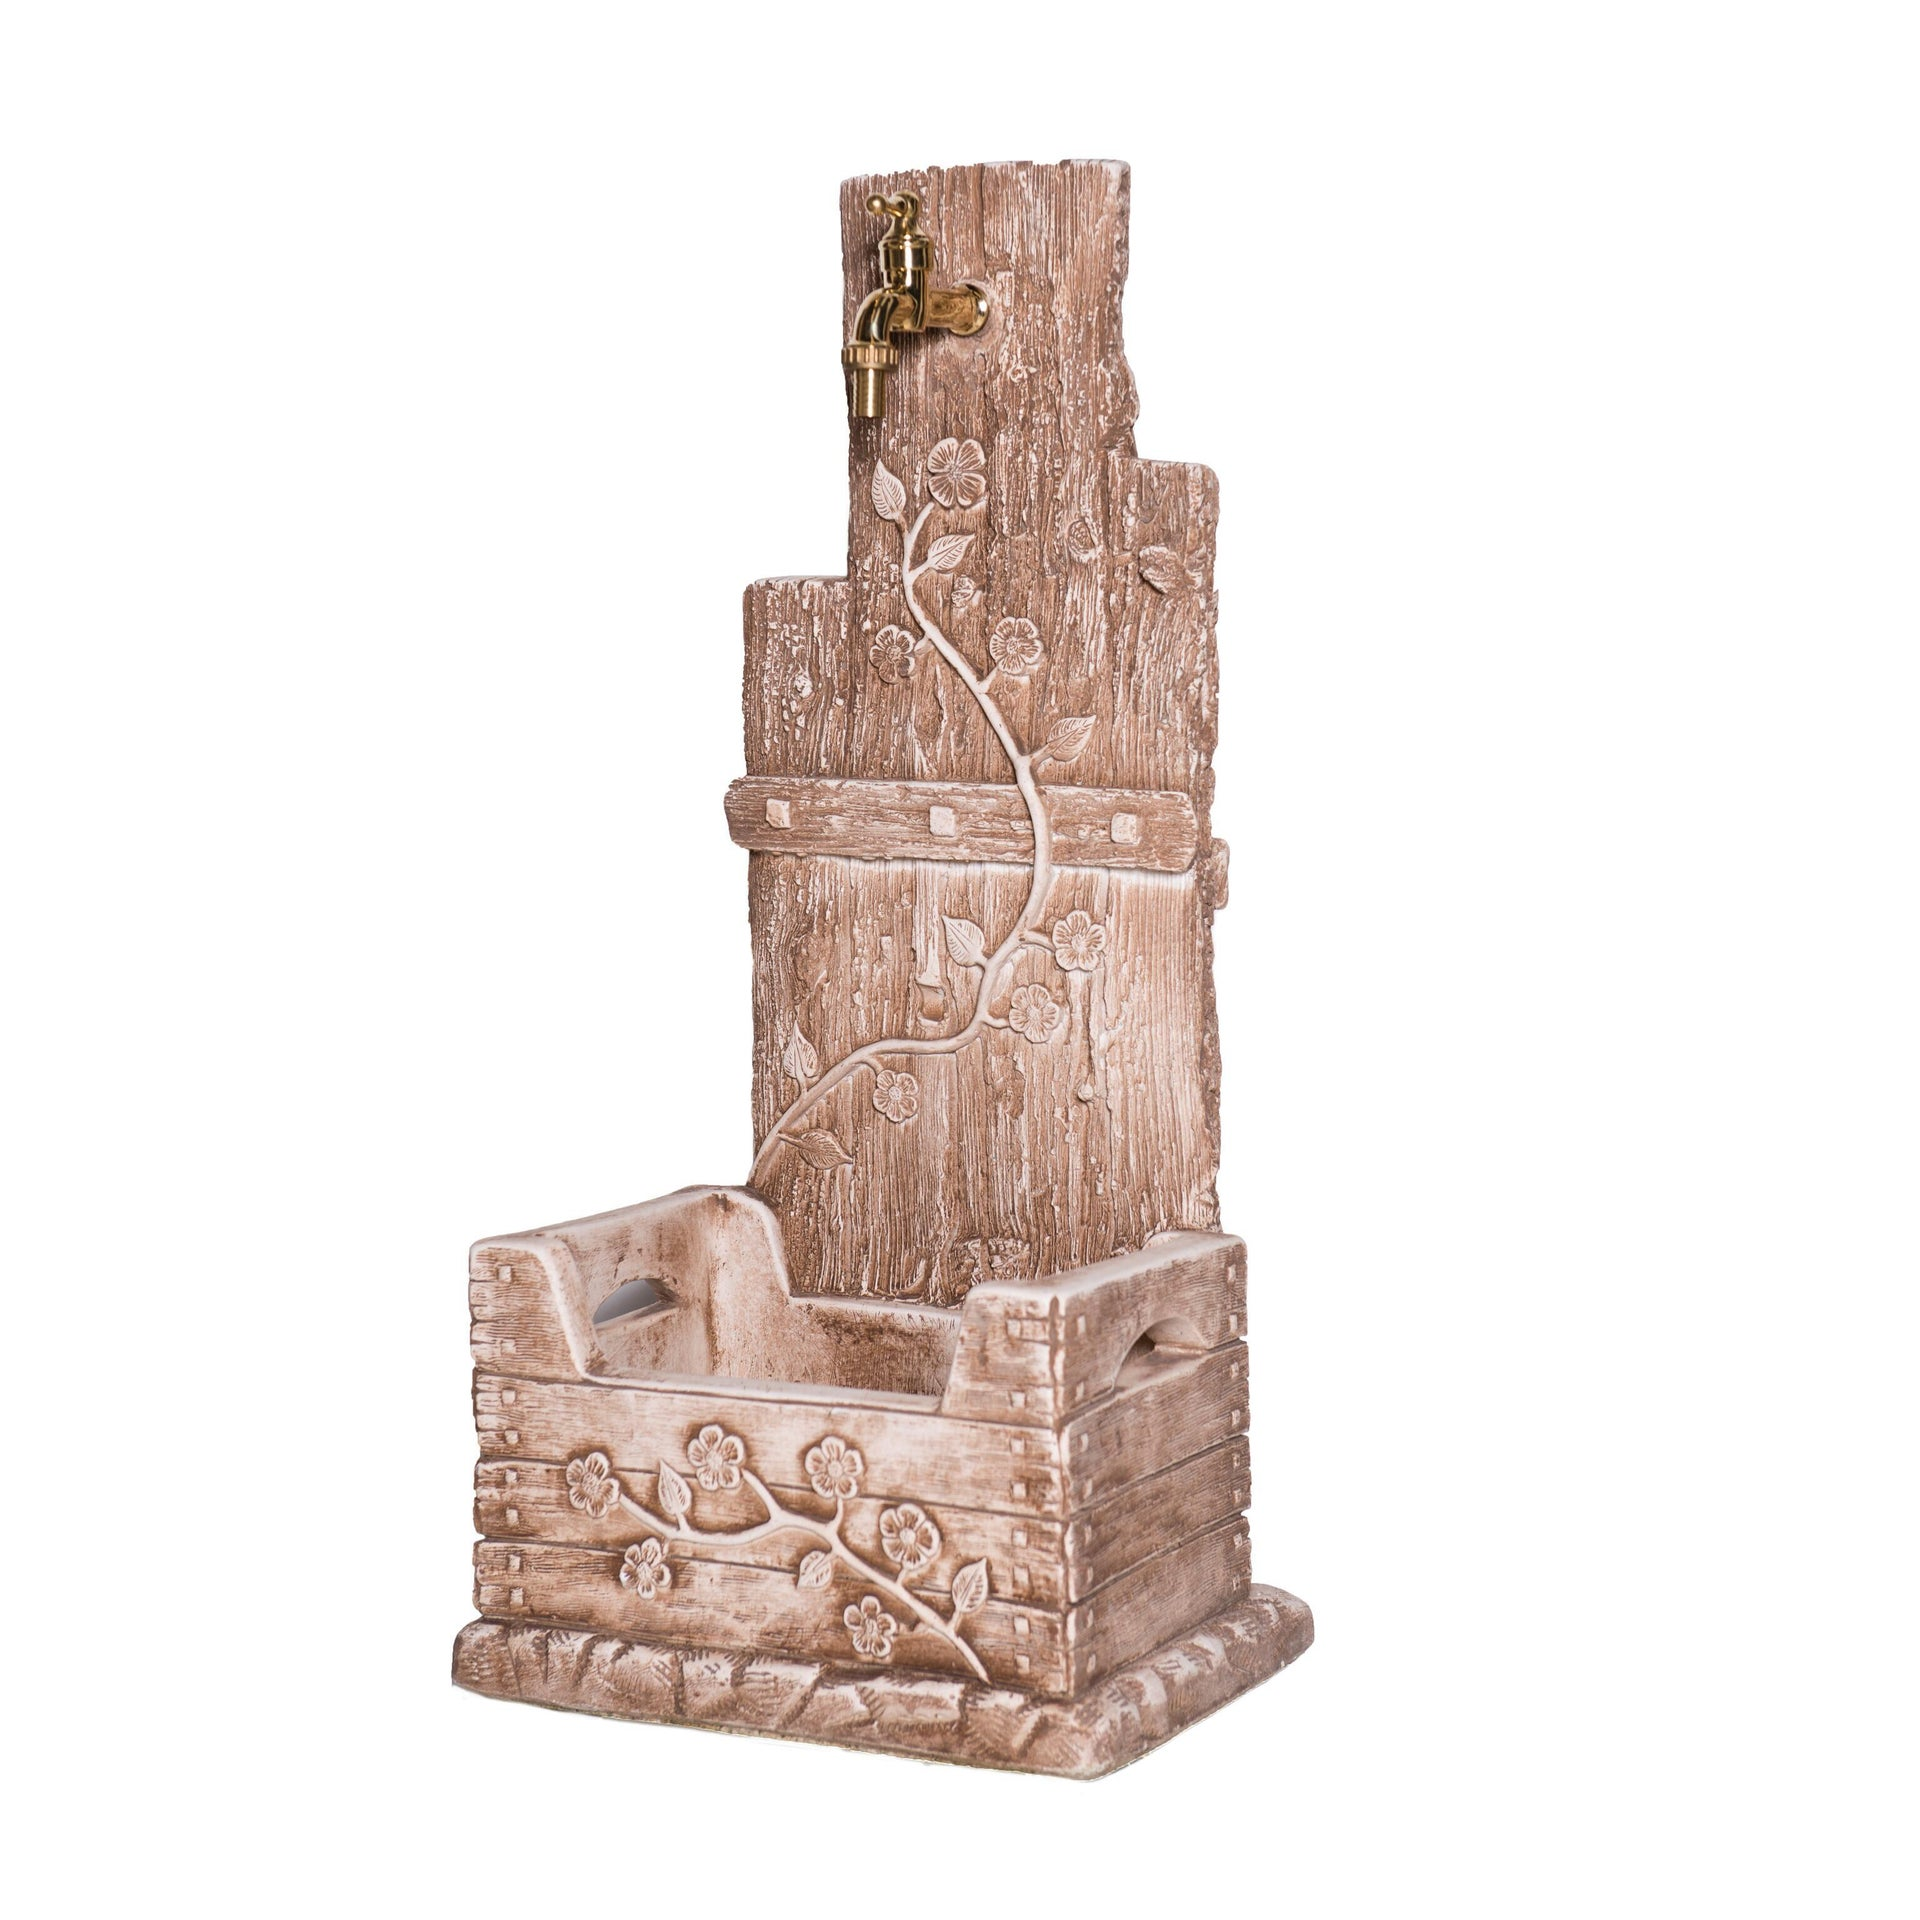 Fontana a colonna Quadrifoglio in calcestruzzo H 81 cm, 39 x 29 cm - 1